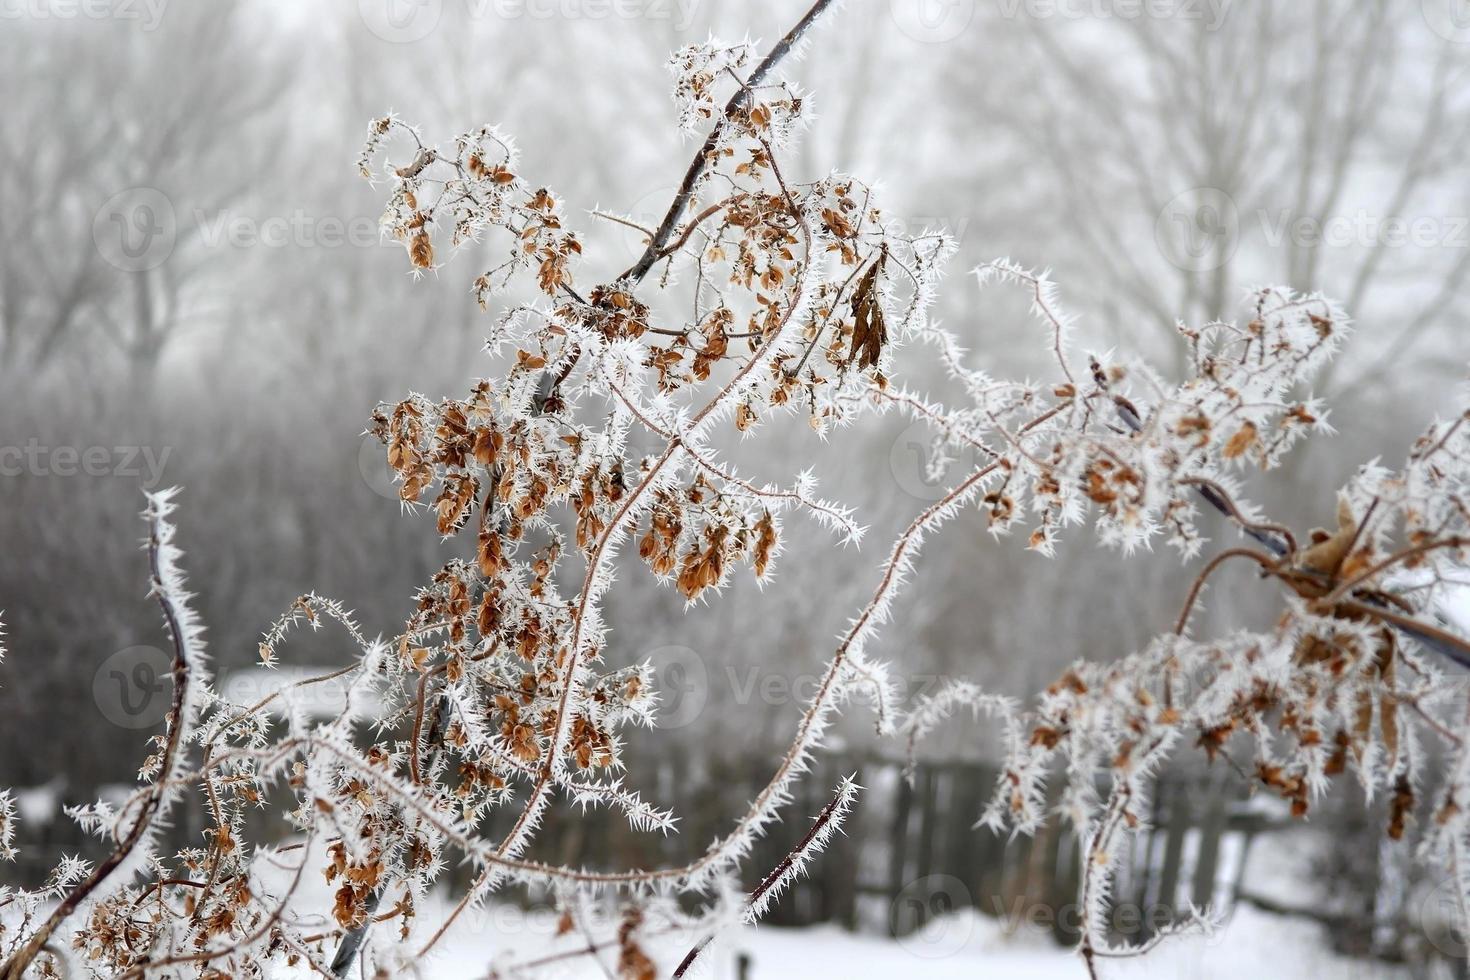 Zweig Baum Raureif bedeckt foto